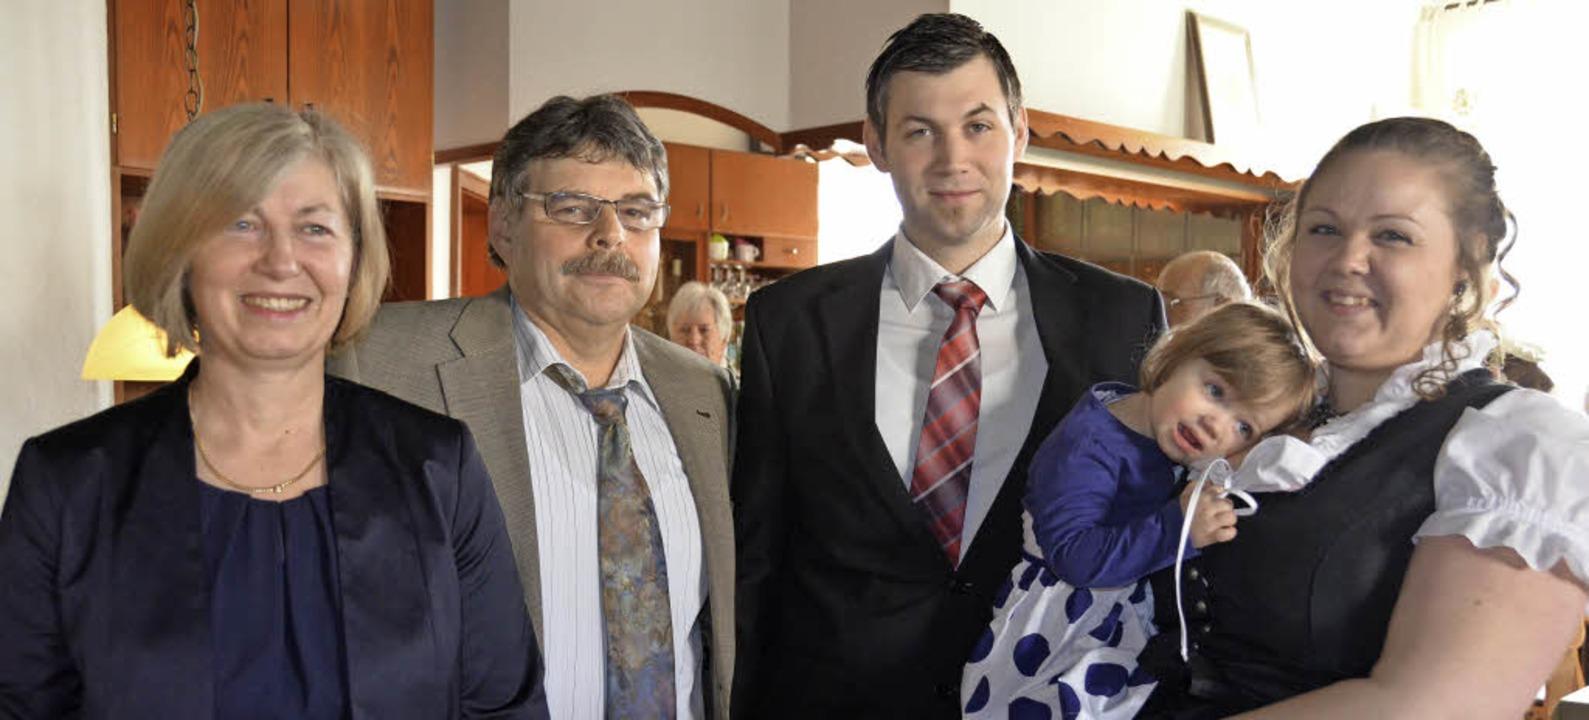 Elke und Markus Eckerlin übergeben den...: Michael und Vanessa mit Tochter Anna  | Foto: sigrid umiger